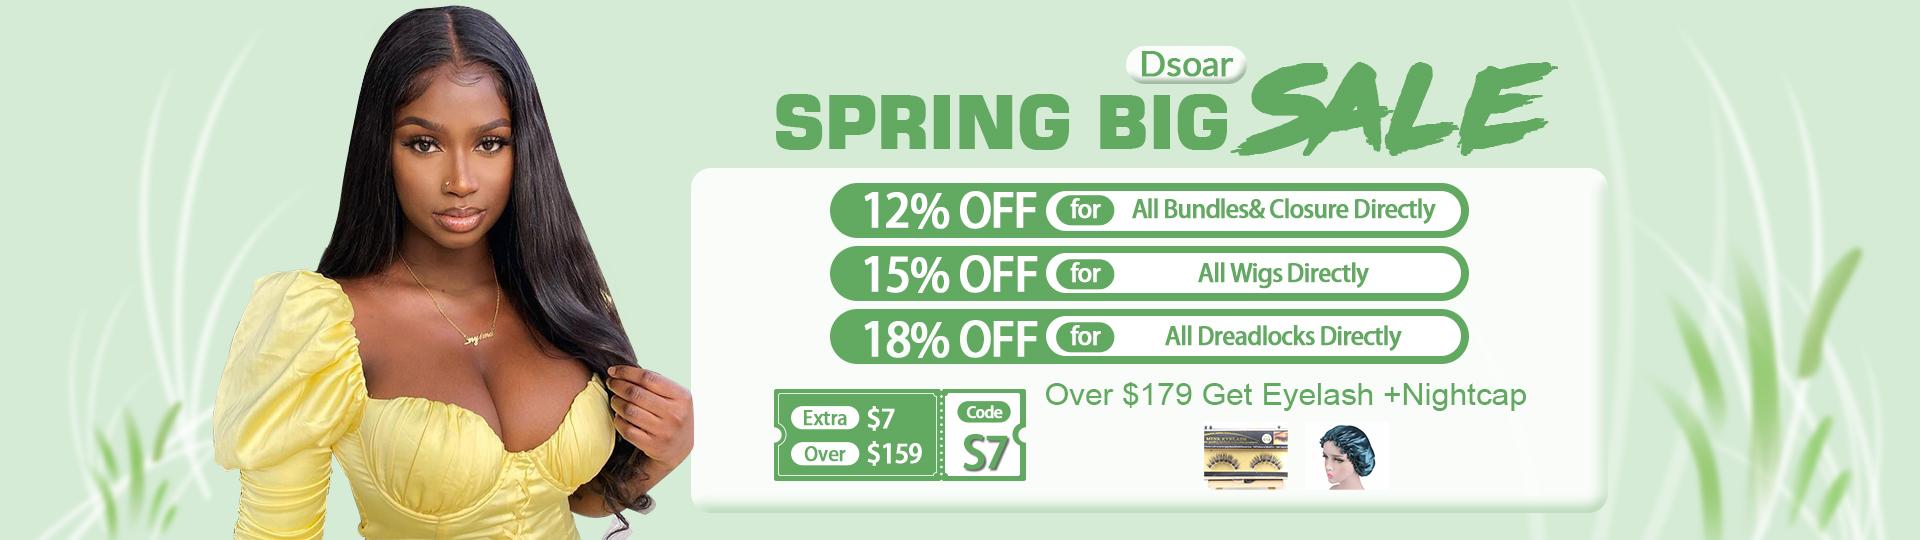 Dsoar Spring Big Sale